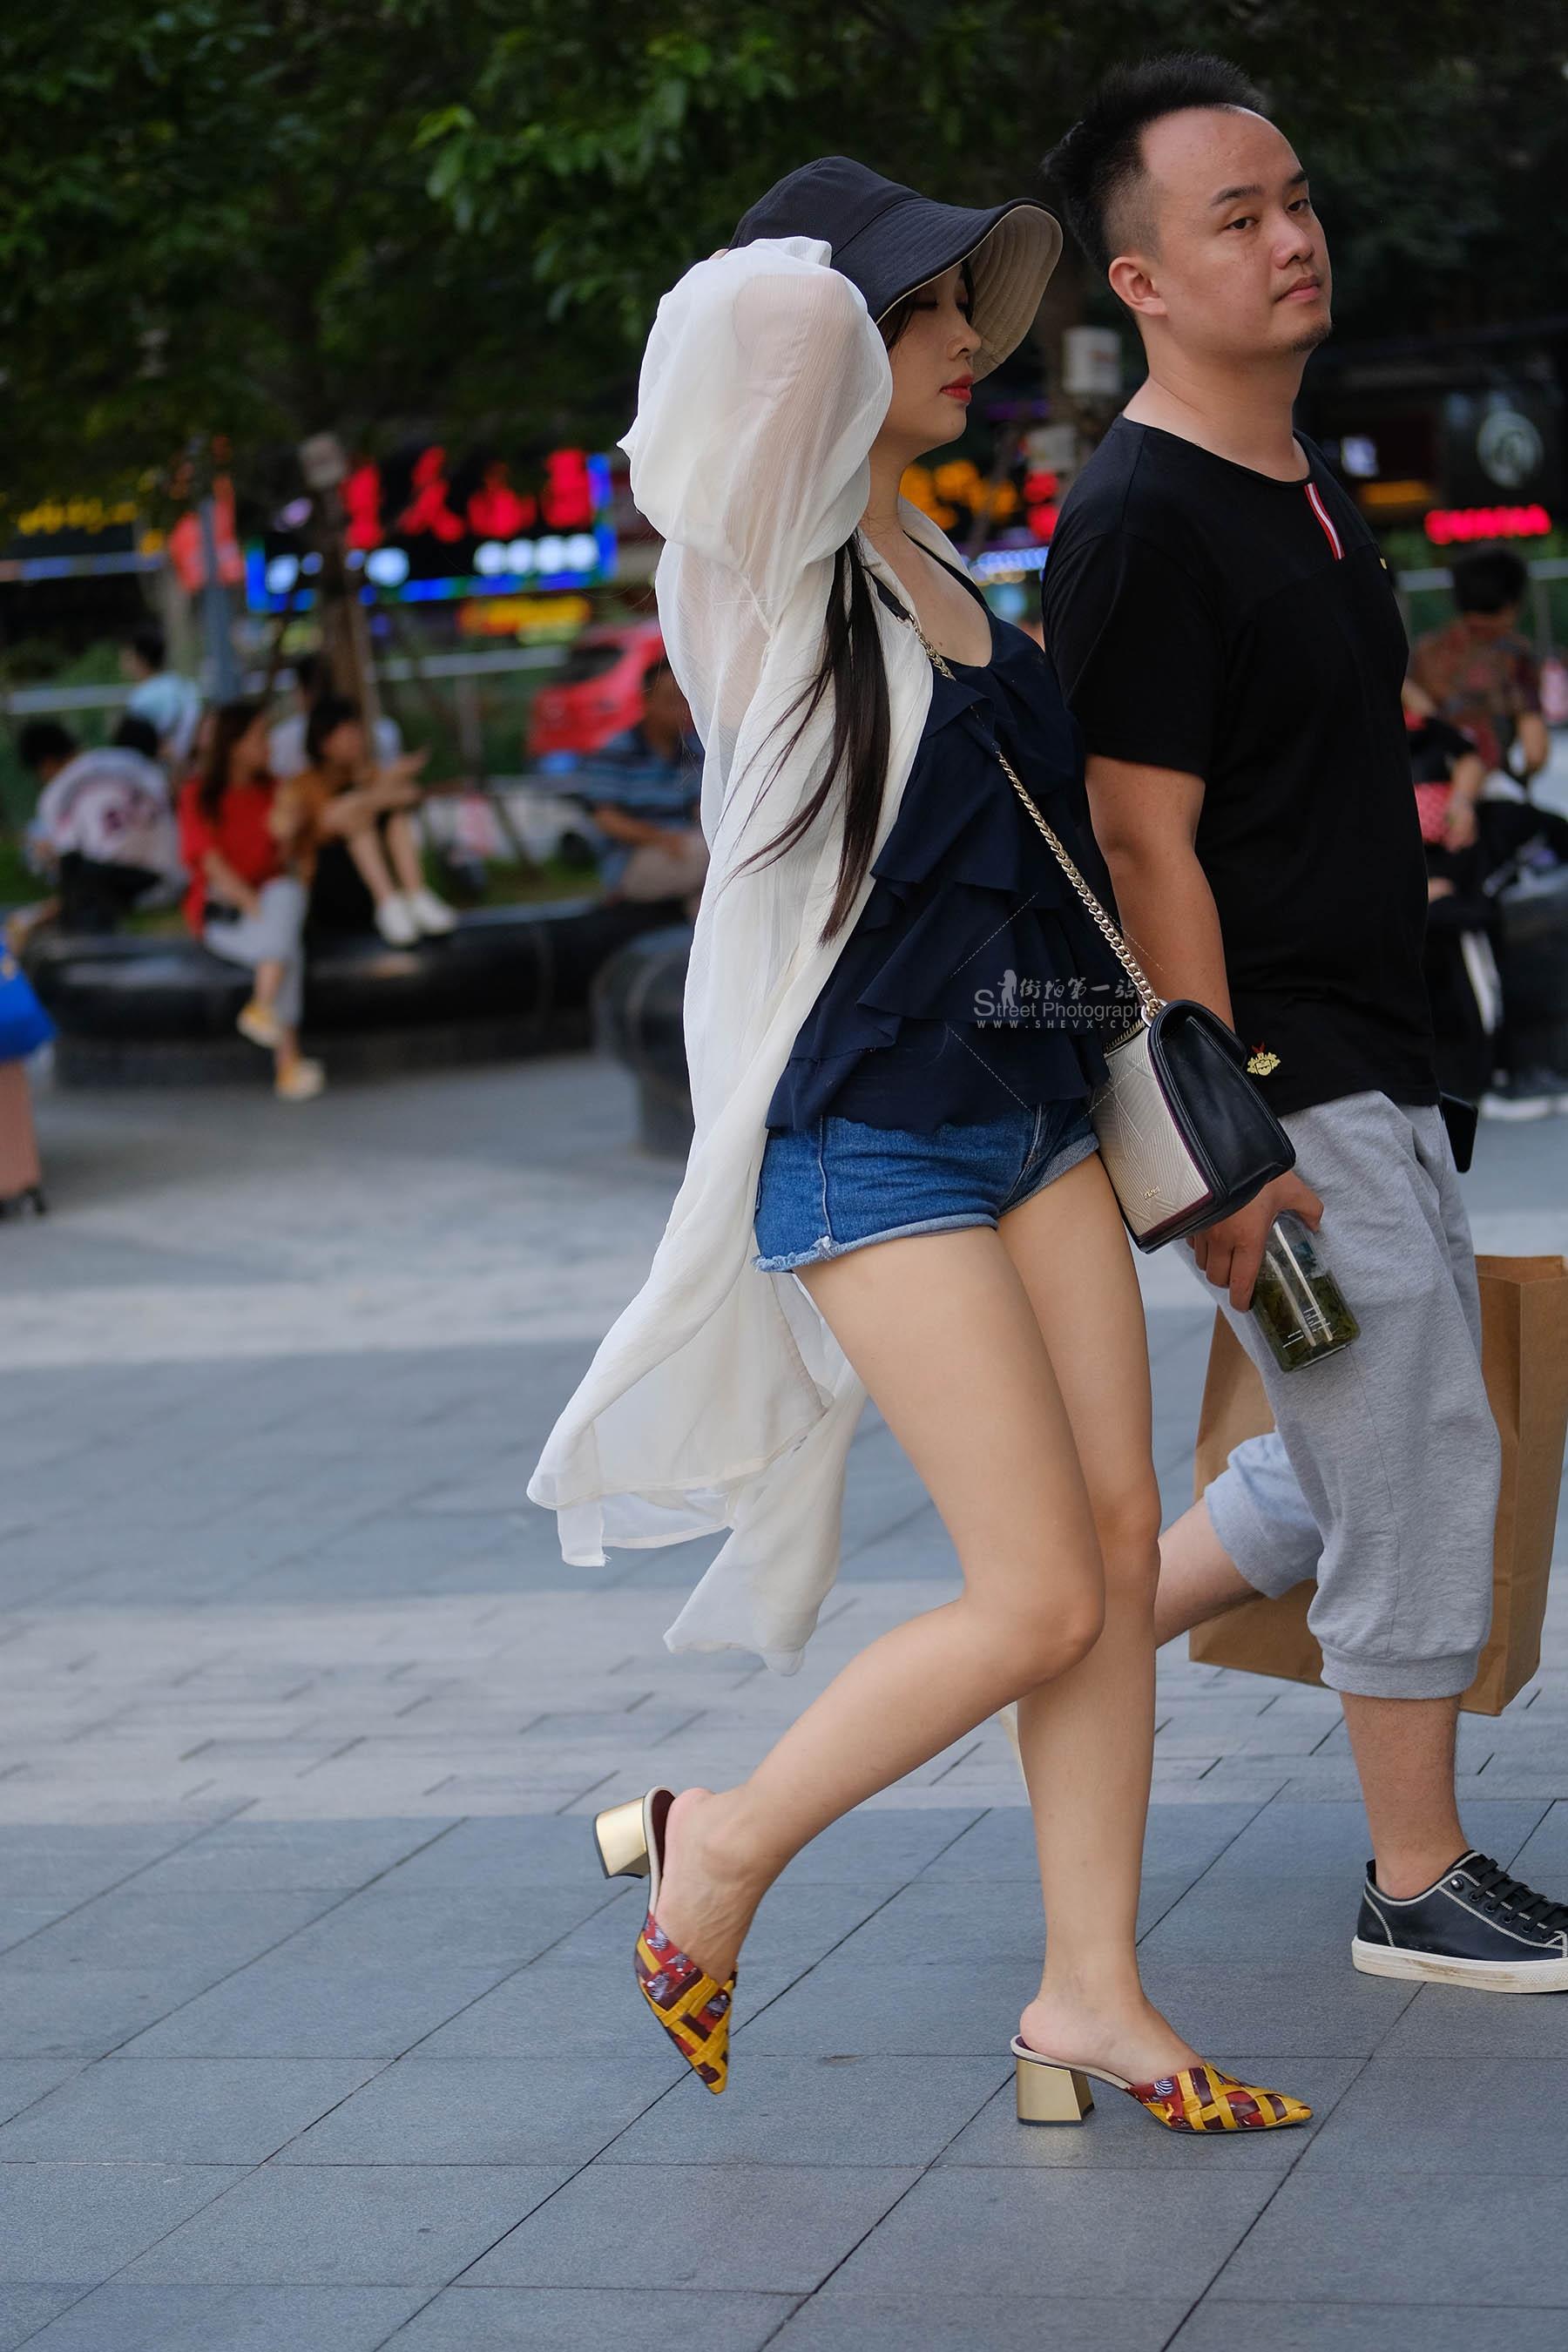 SU.JP 10P 最新街拍丝袜图片 街拍丝袜第一站